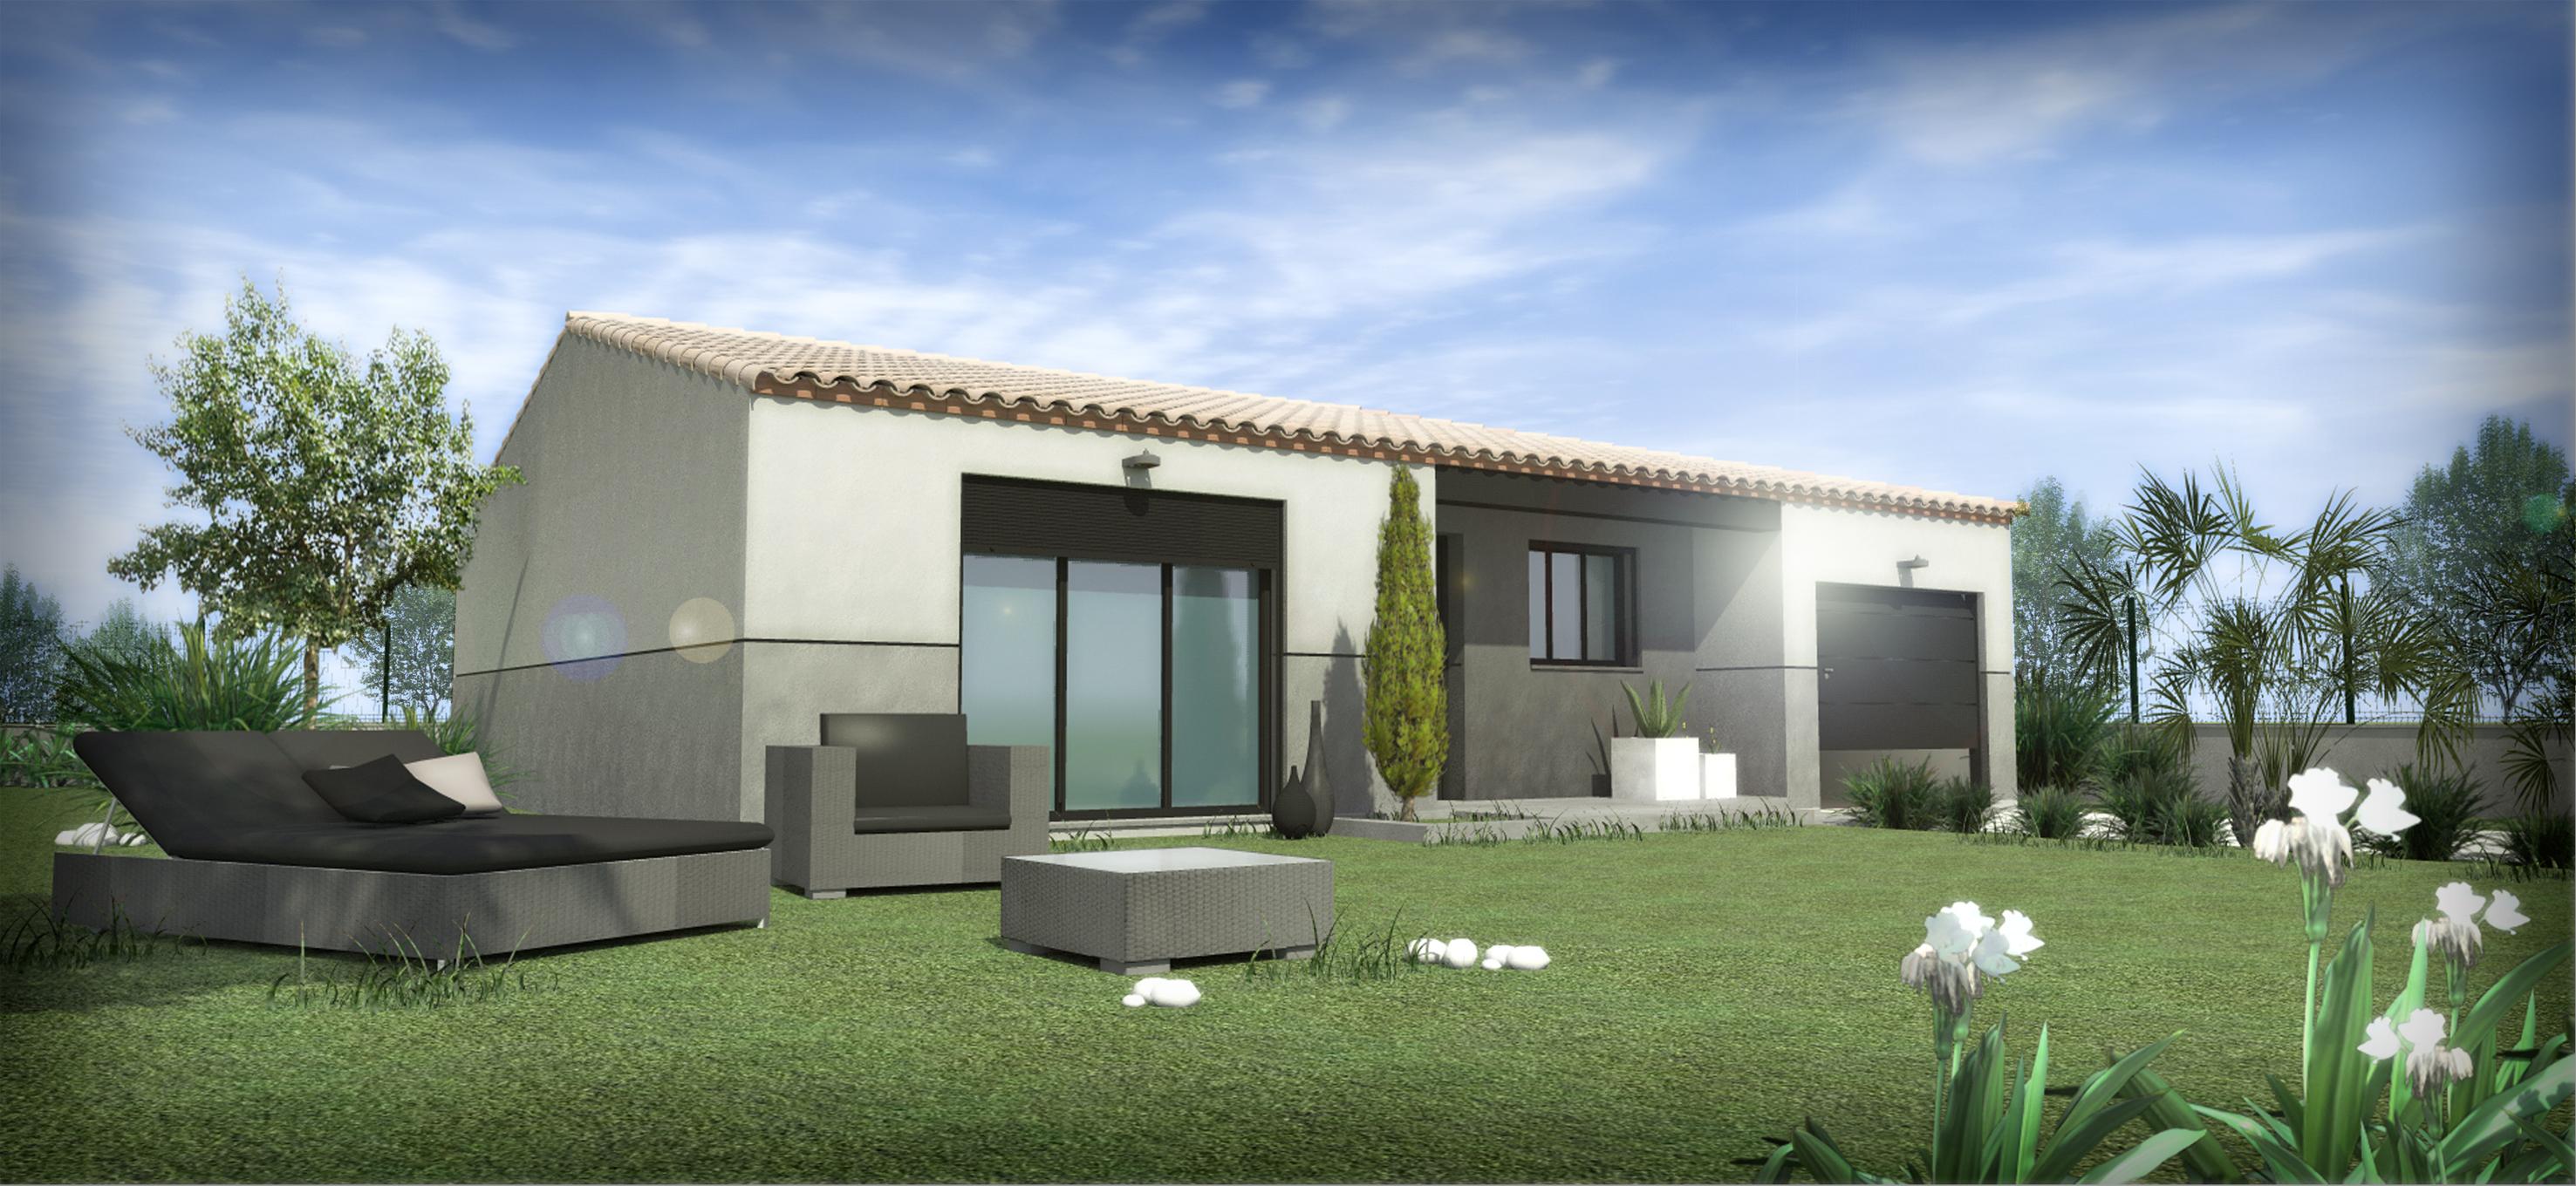 Maisons + Terrains du constructeur SM 11 • 85 m² • LIGNAN SUR ORB